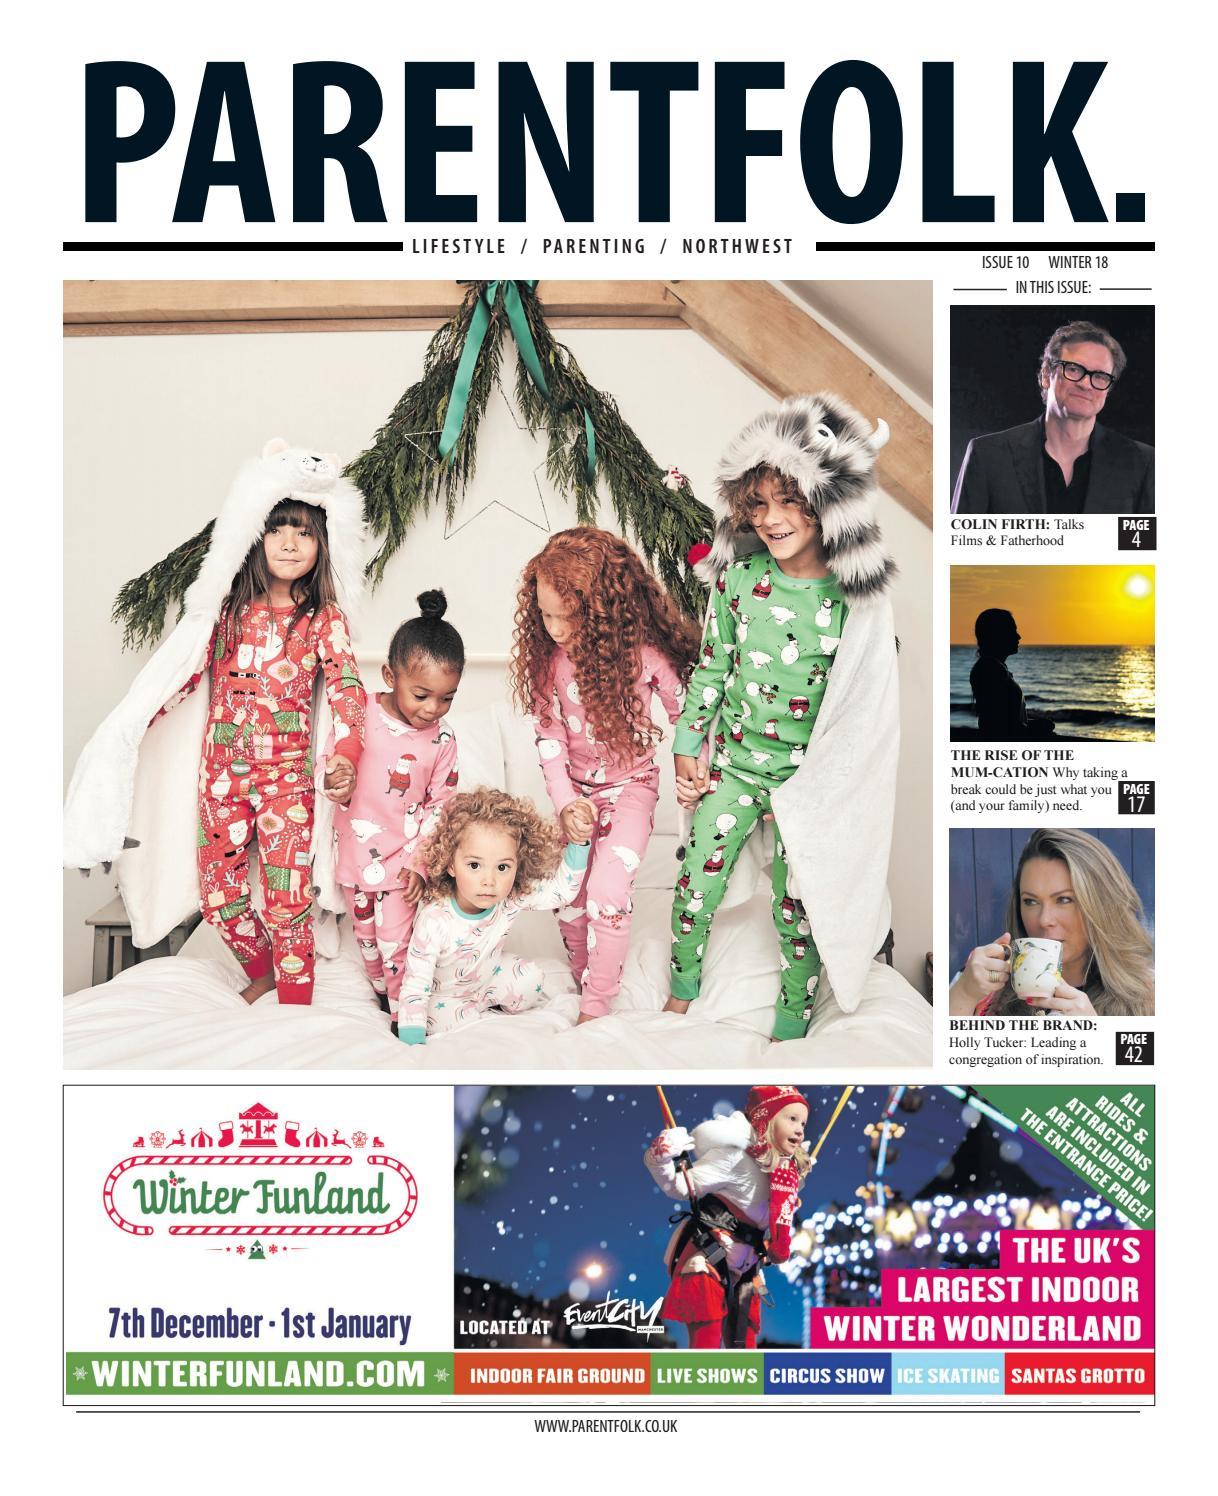 2c6e08cc9 ParentFolk North West. Issue 10 by ParentFolk - issuu